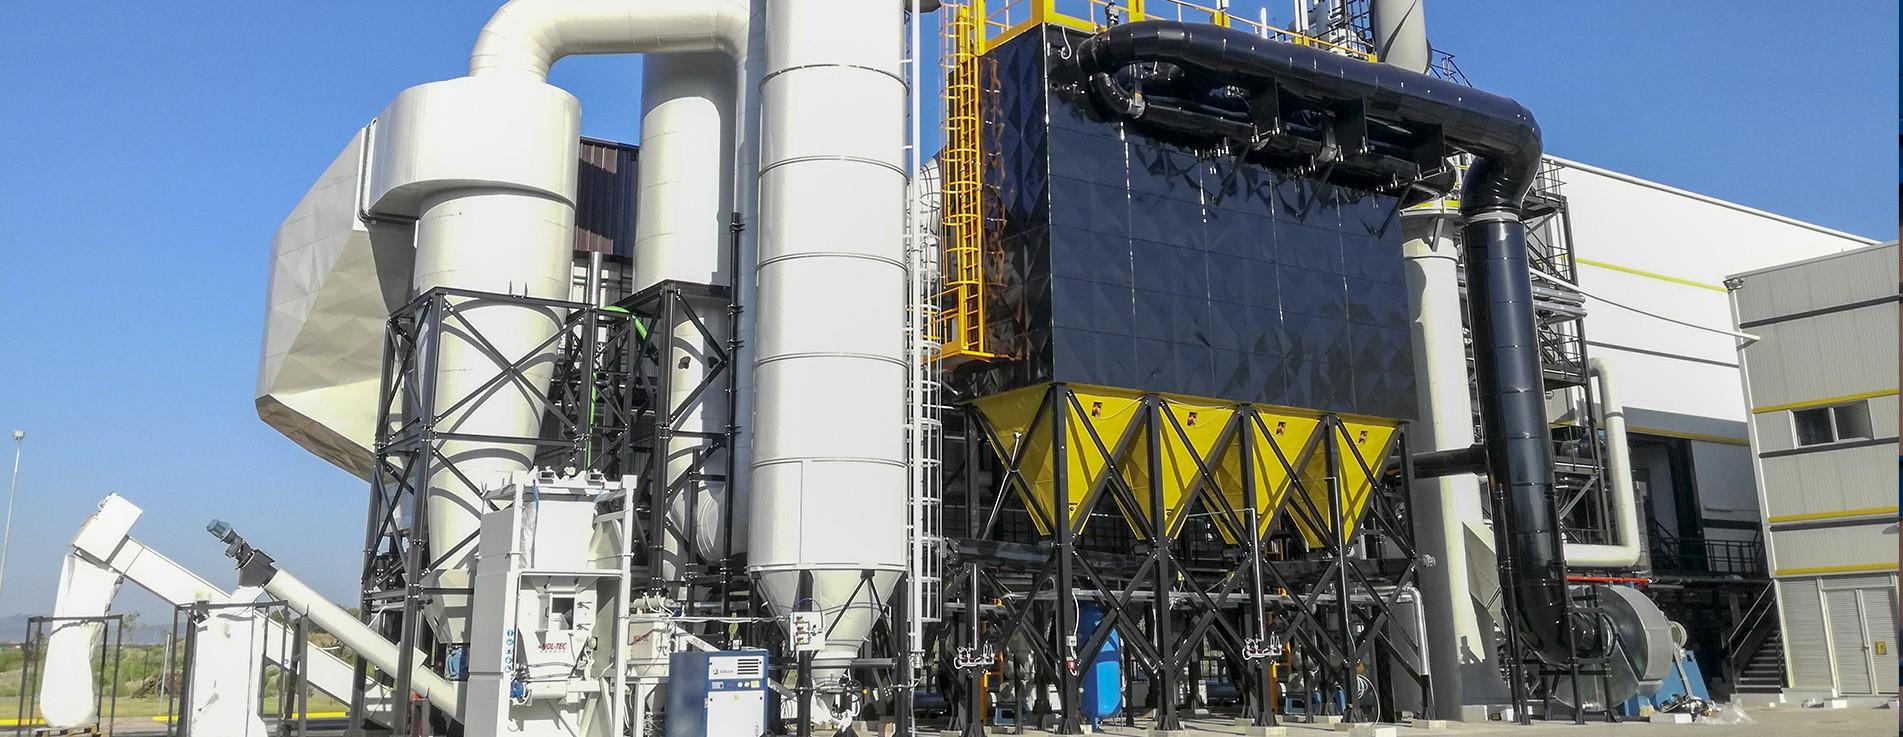 Sistemi di filtrazione industriali